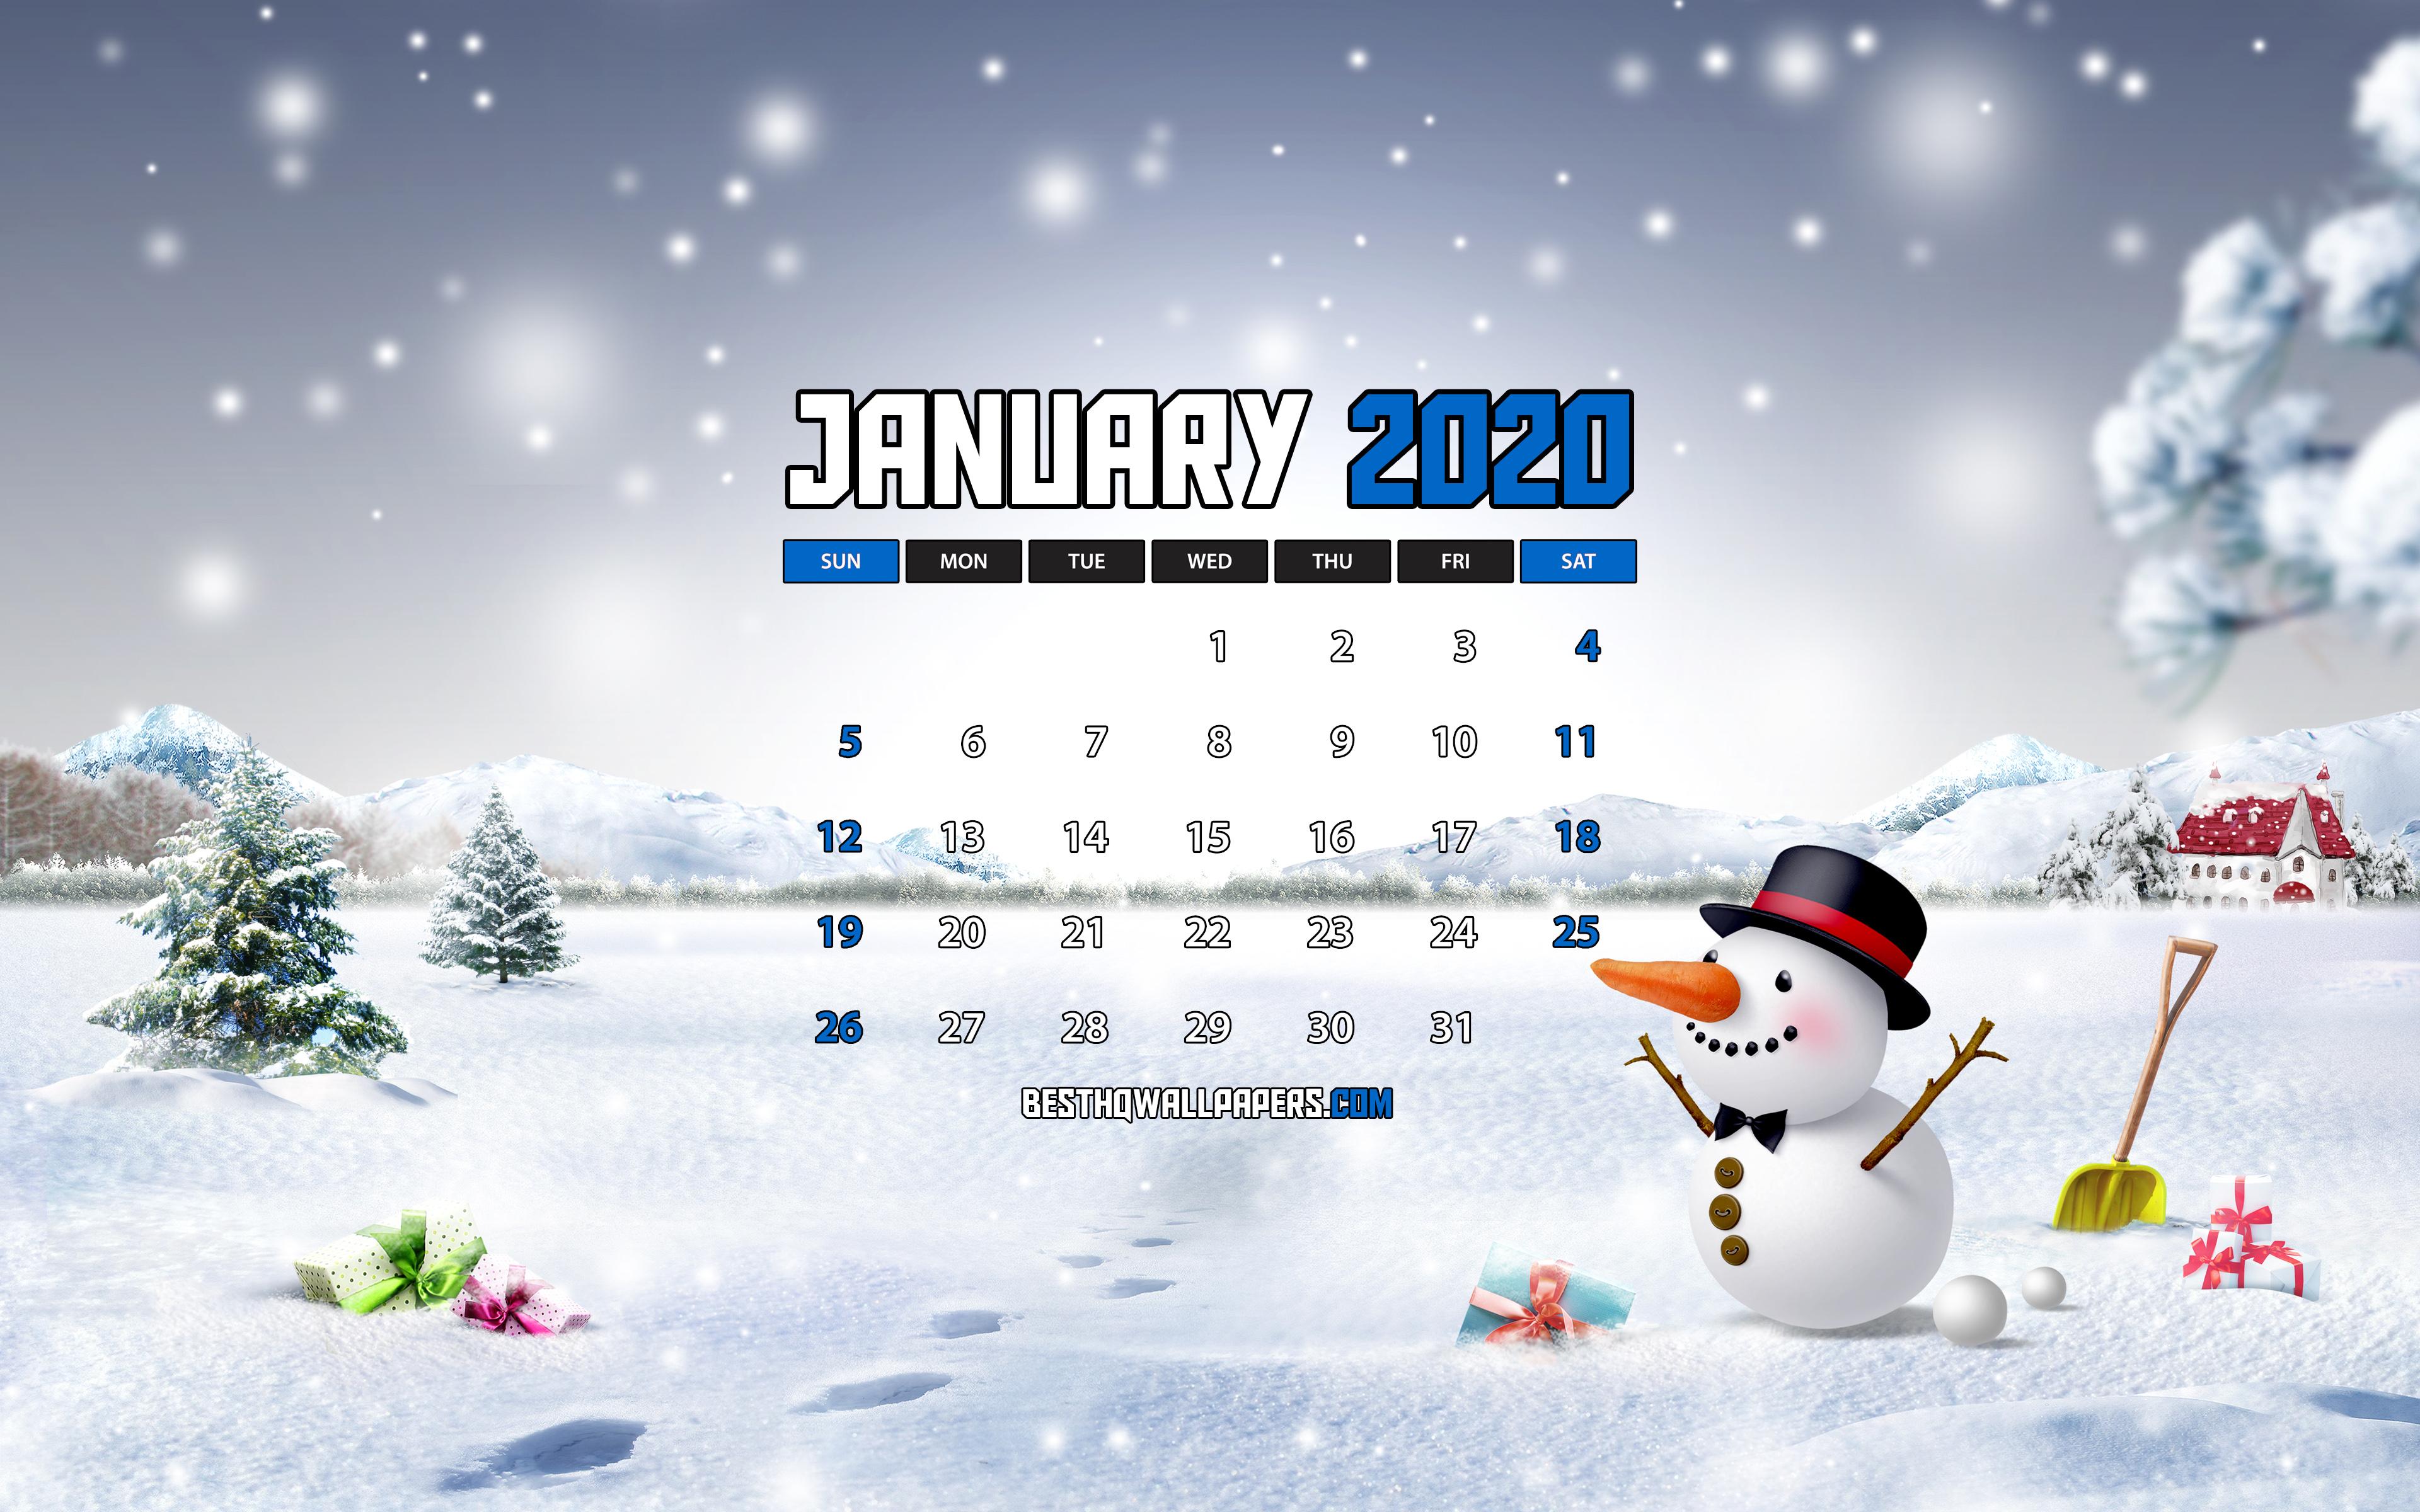 Download wallpapers January 2020 Calendar 4k snowman winter 3840x2400